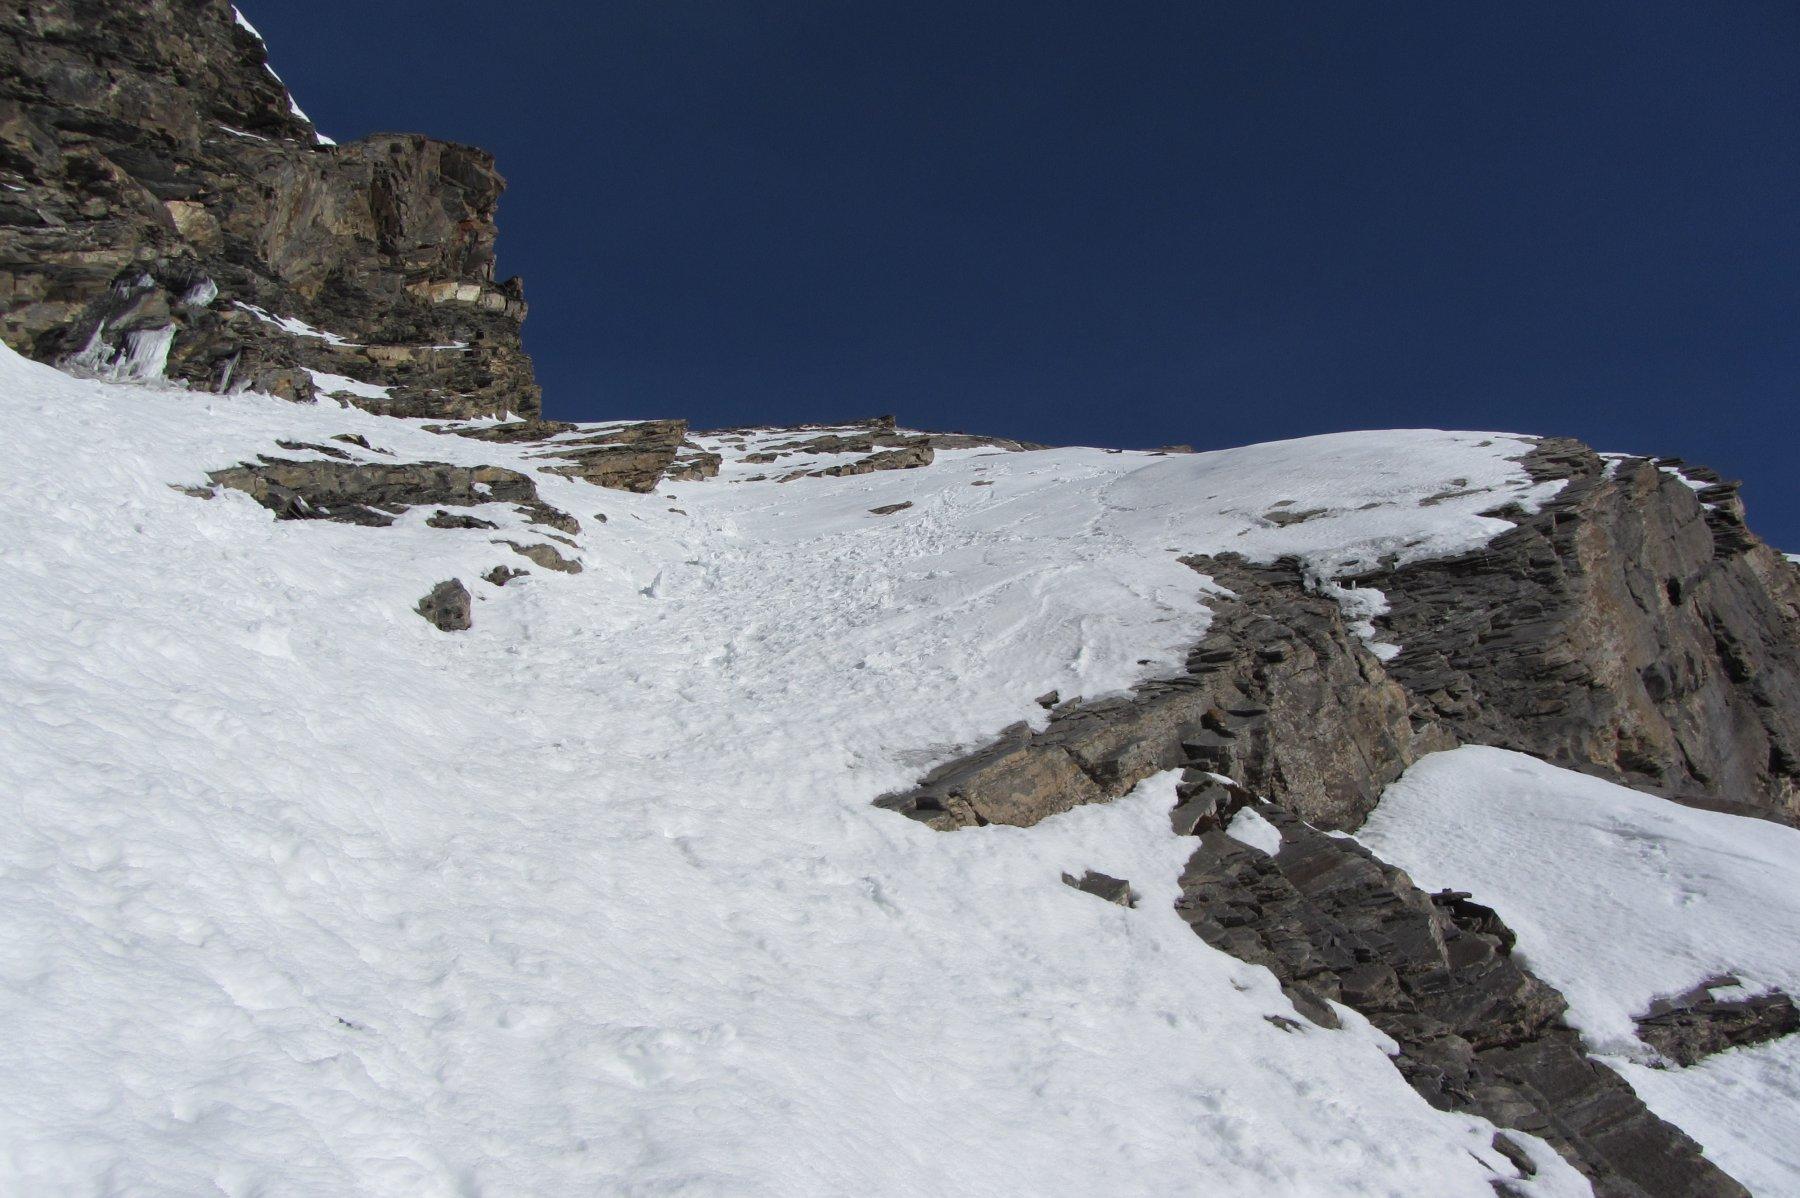 il canale/pendio nevoso sopra il salto